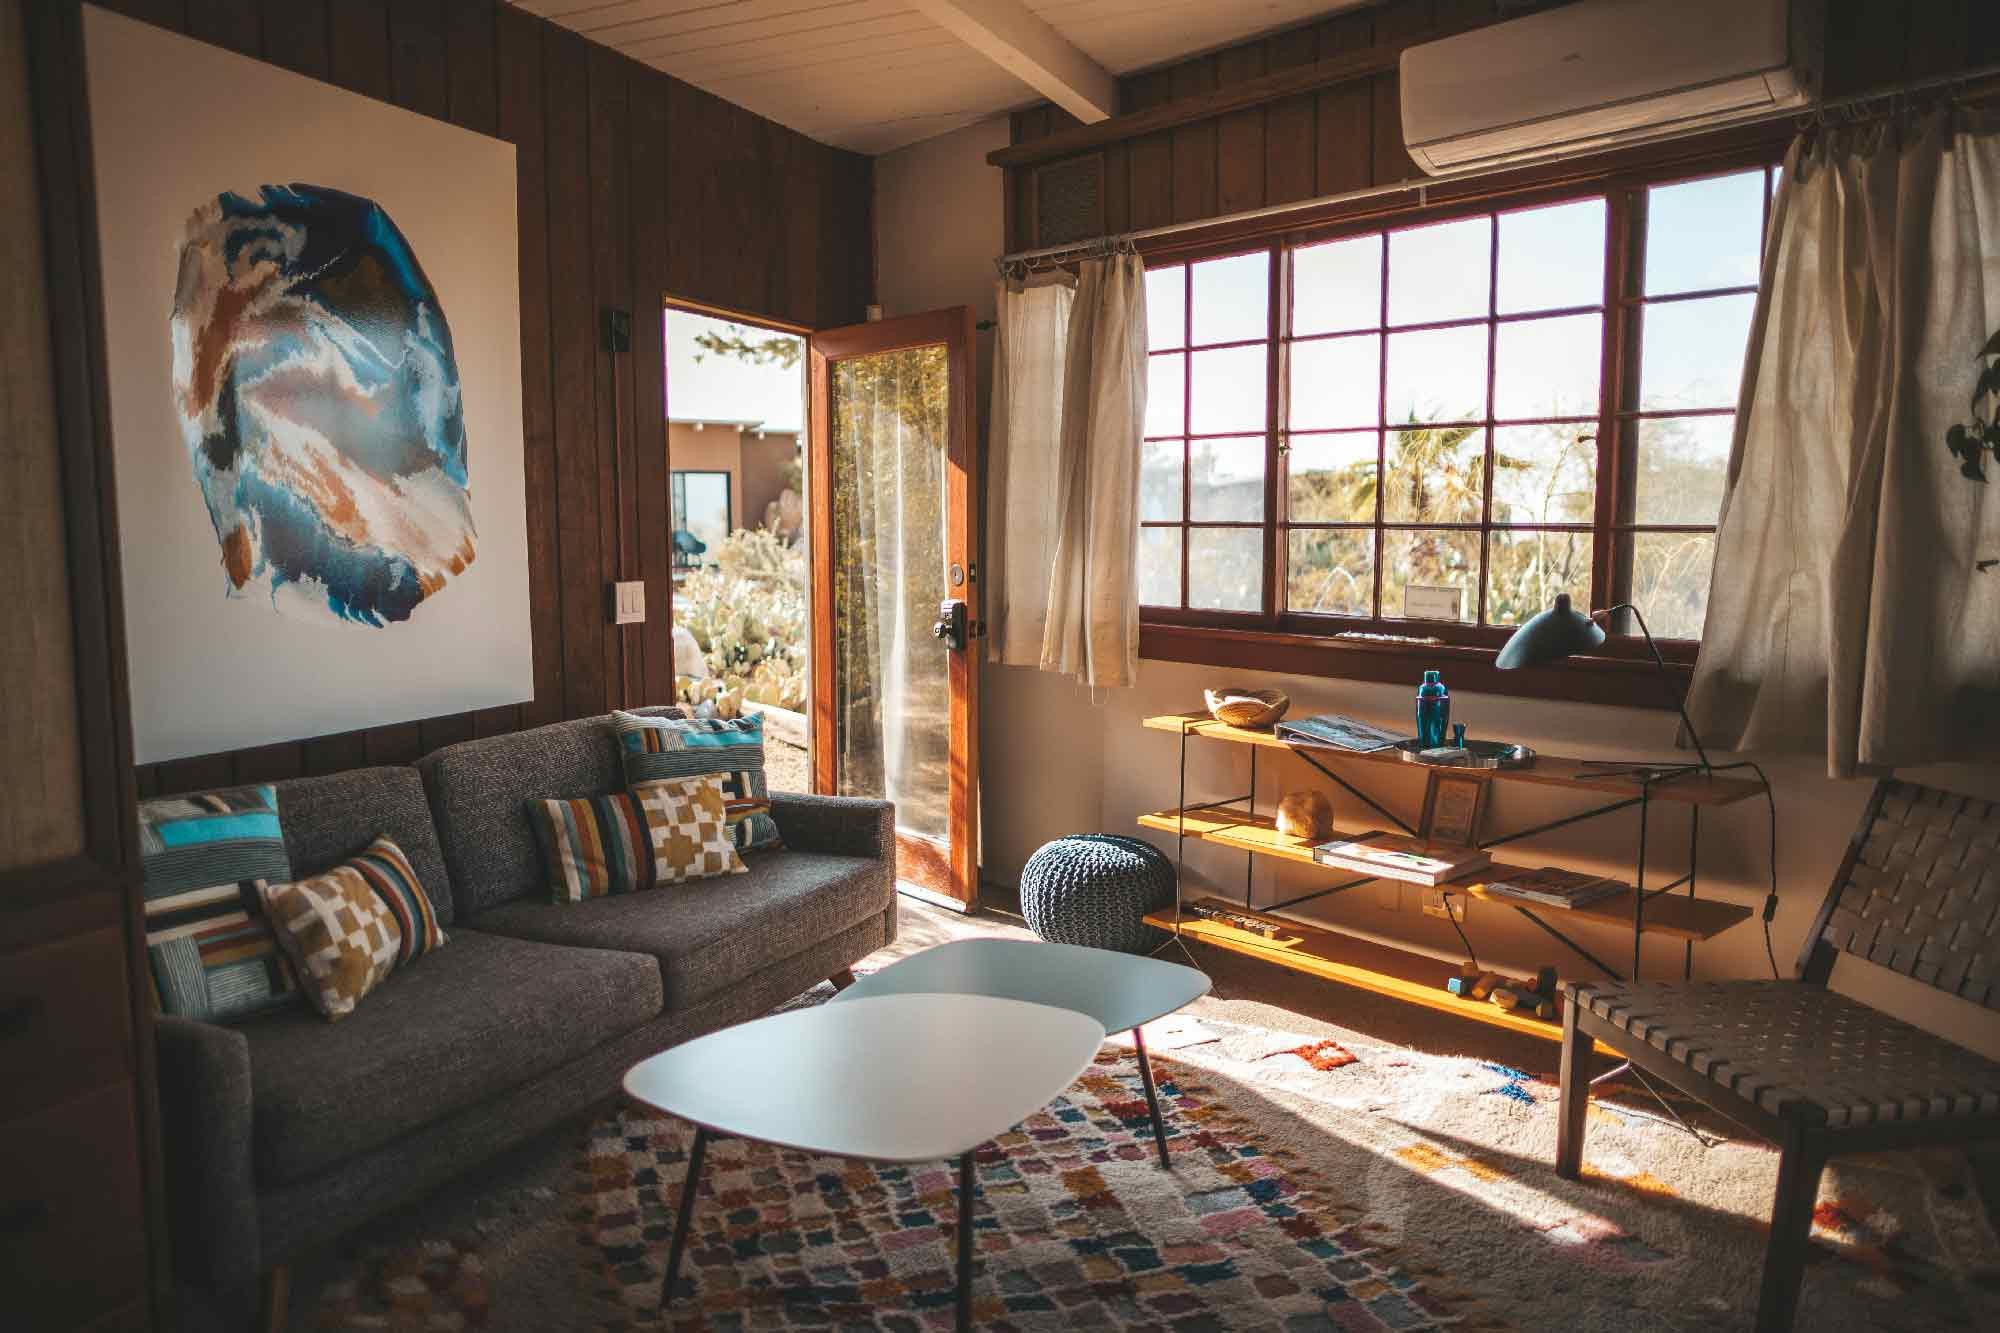 La Décoration De Salon le salon | idées déco & aménagement intérieur